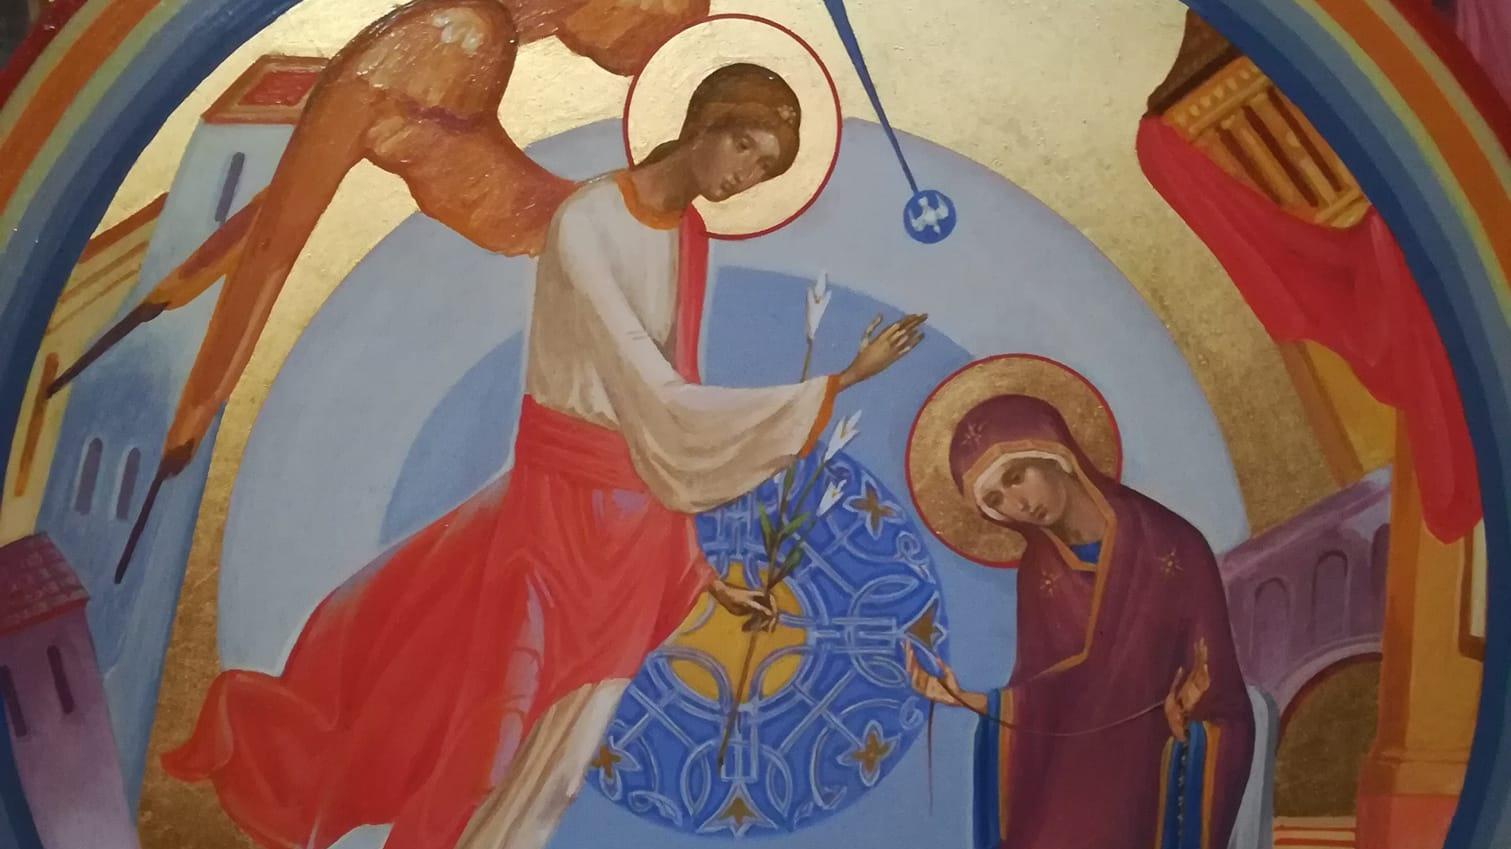 ANUNȚ – Sărbătoarea Buneivestiri în catedrala din București